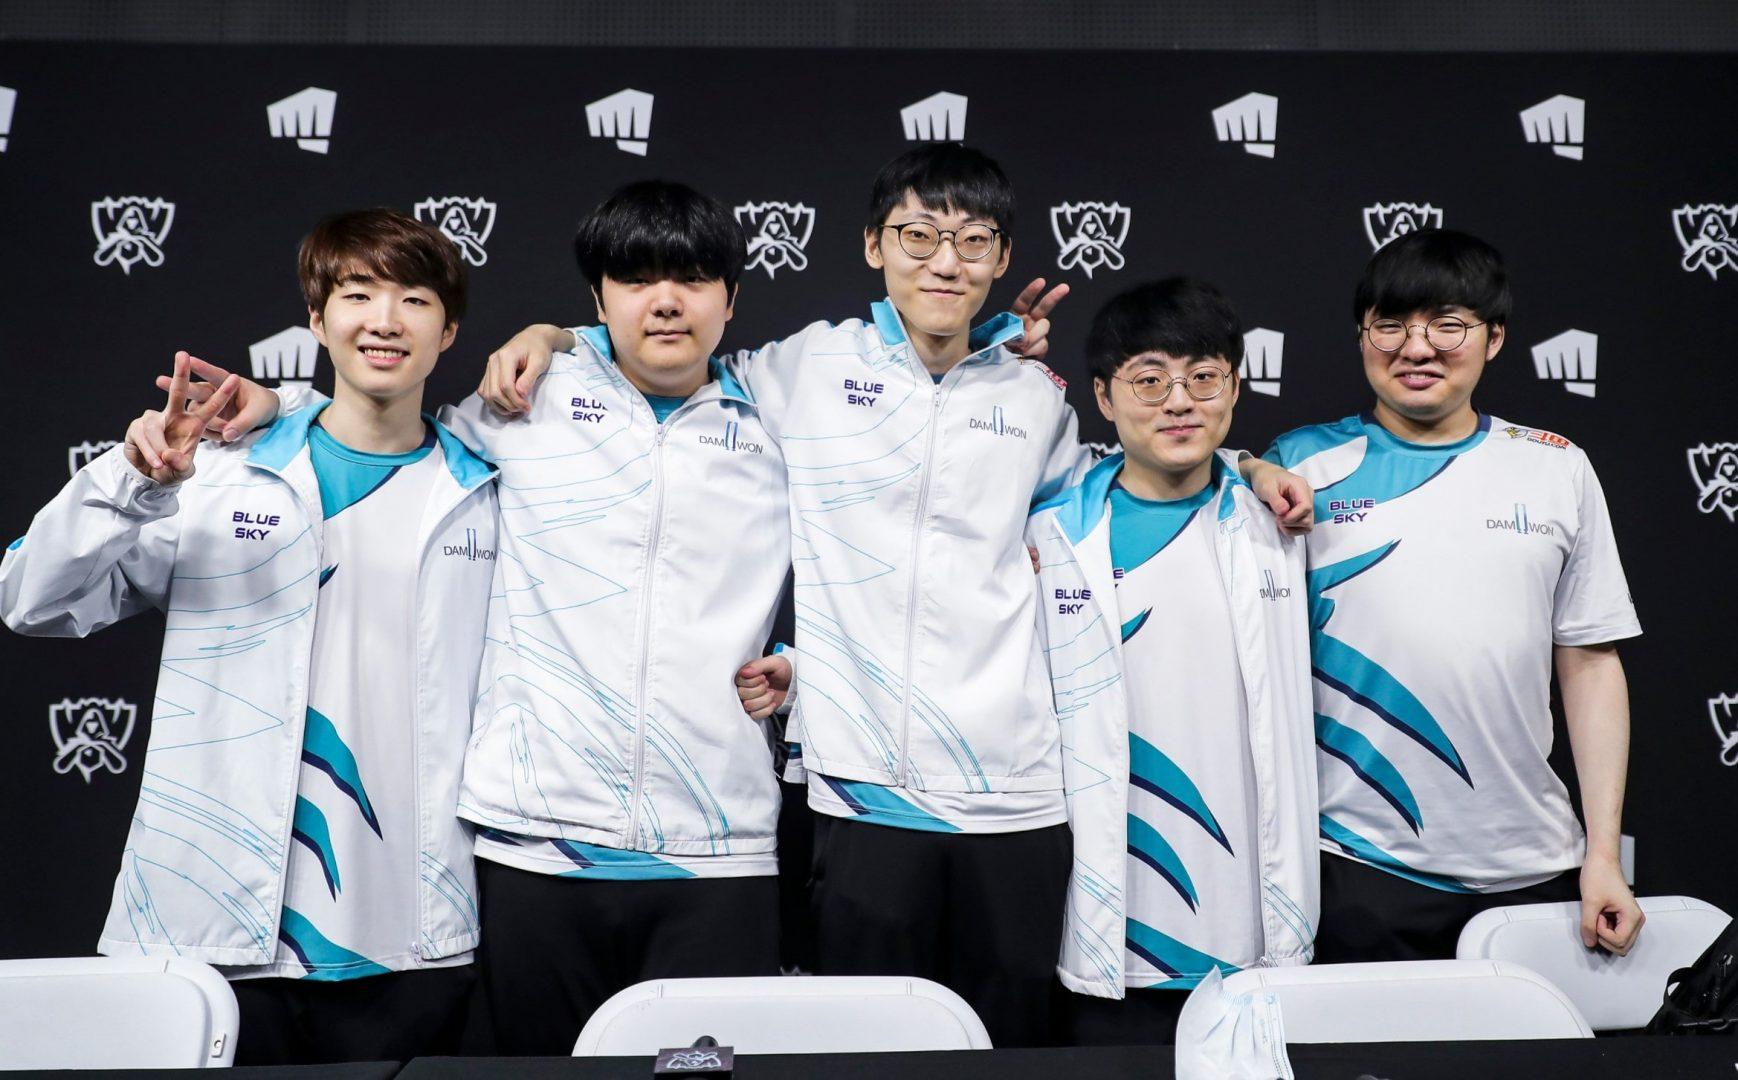 Damwon Gaming worlds 2020 lol